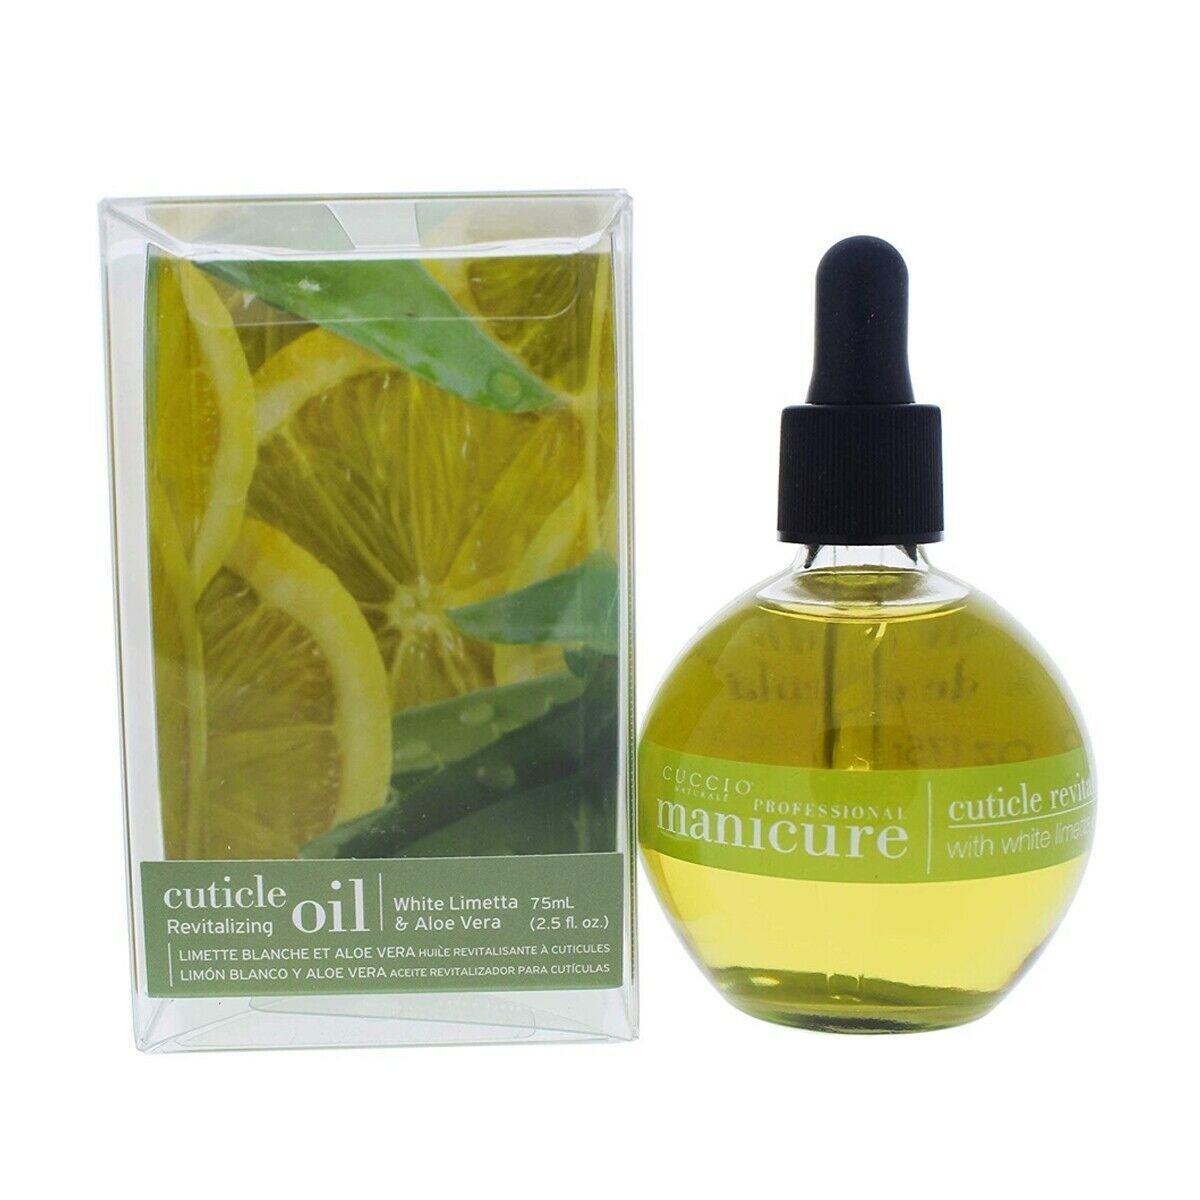 Cuccio Cuticle Oil Manicure White Limetta & Aloe Vera Revitalizing 73ml (2.5oz)